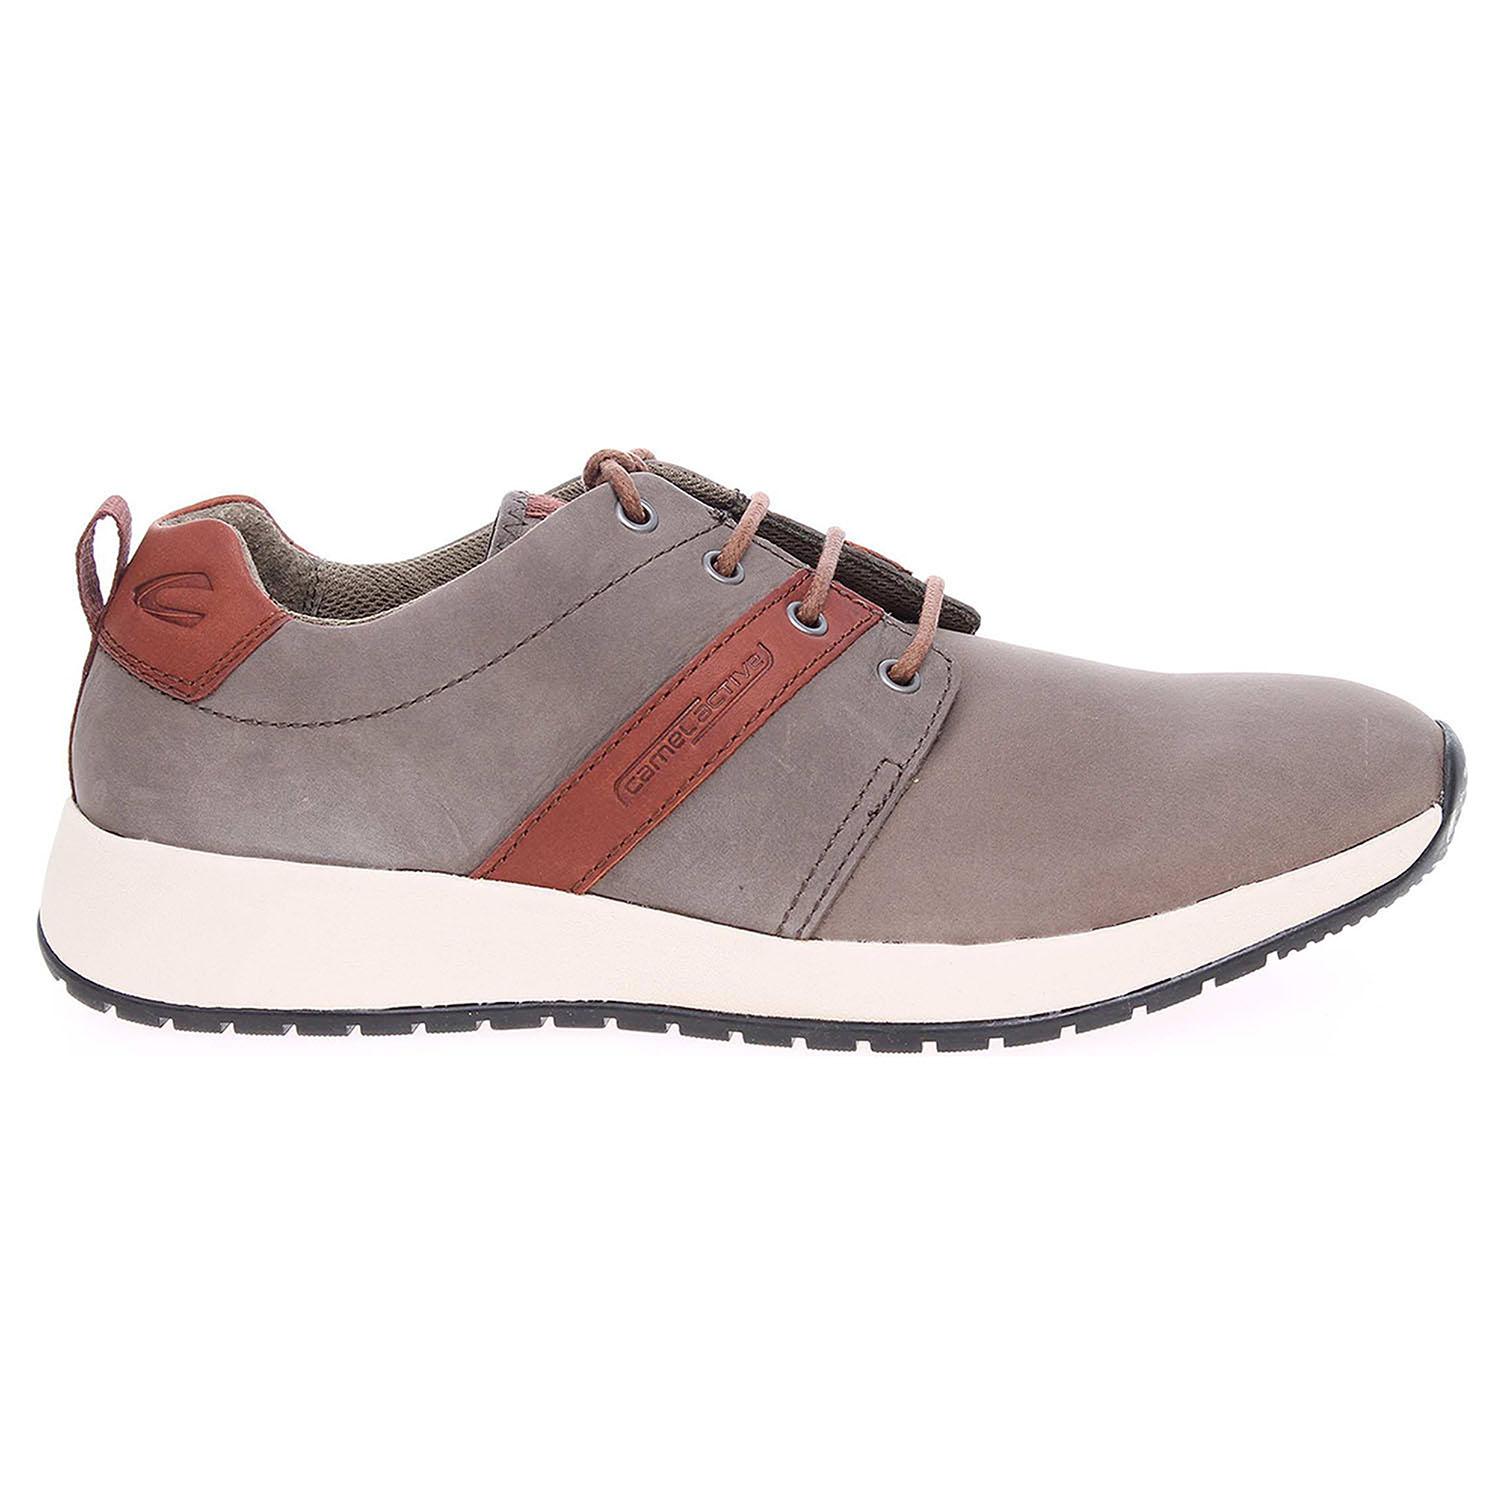 Ecco Camel Active pánská obuv 482.15.01 šedá 24000414